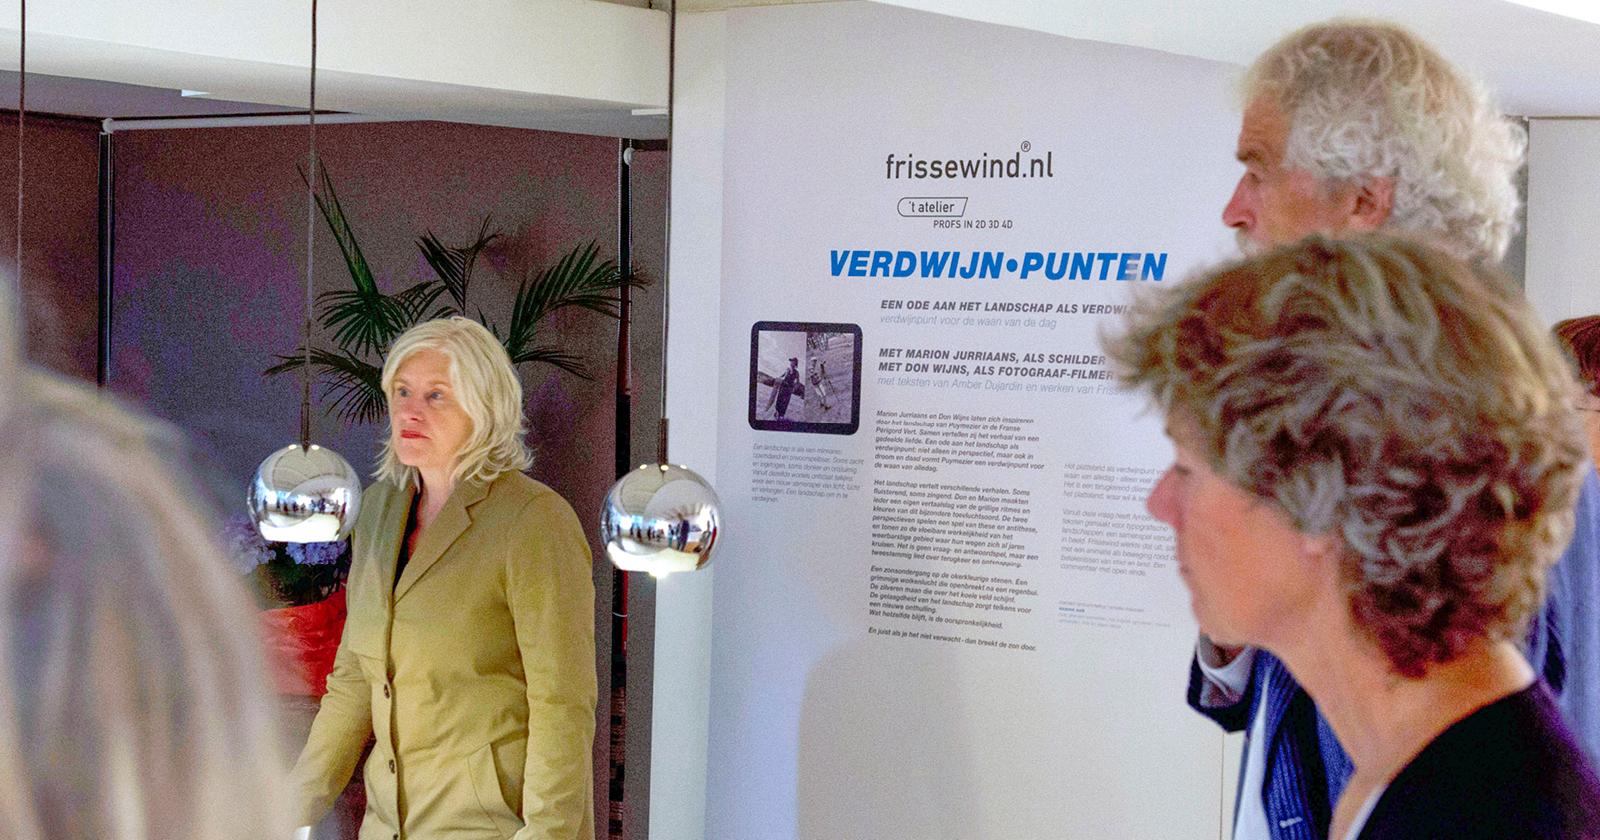 atelier-frissewind-1-147